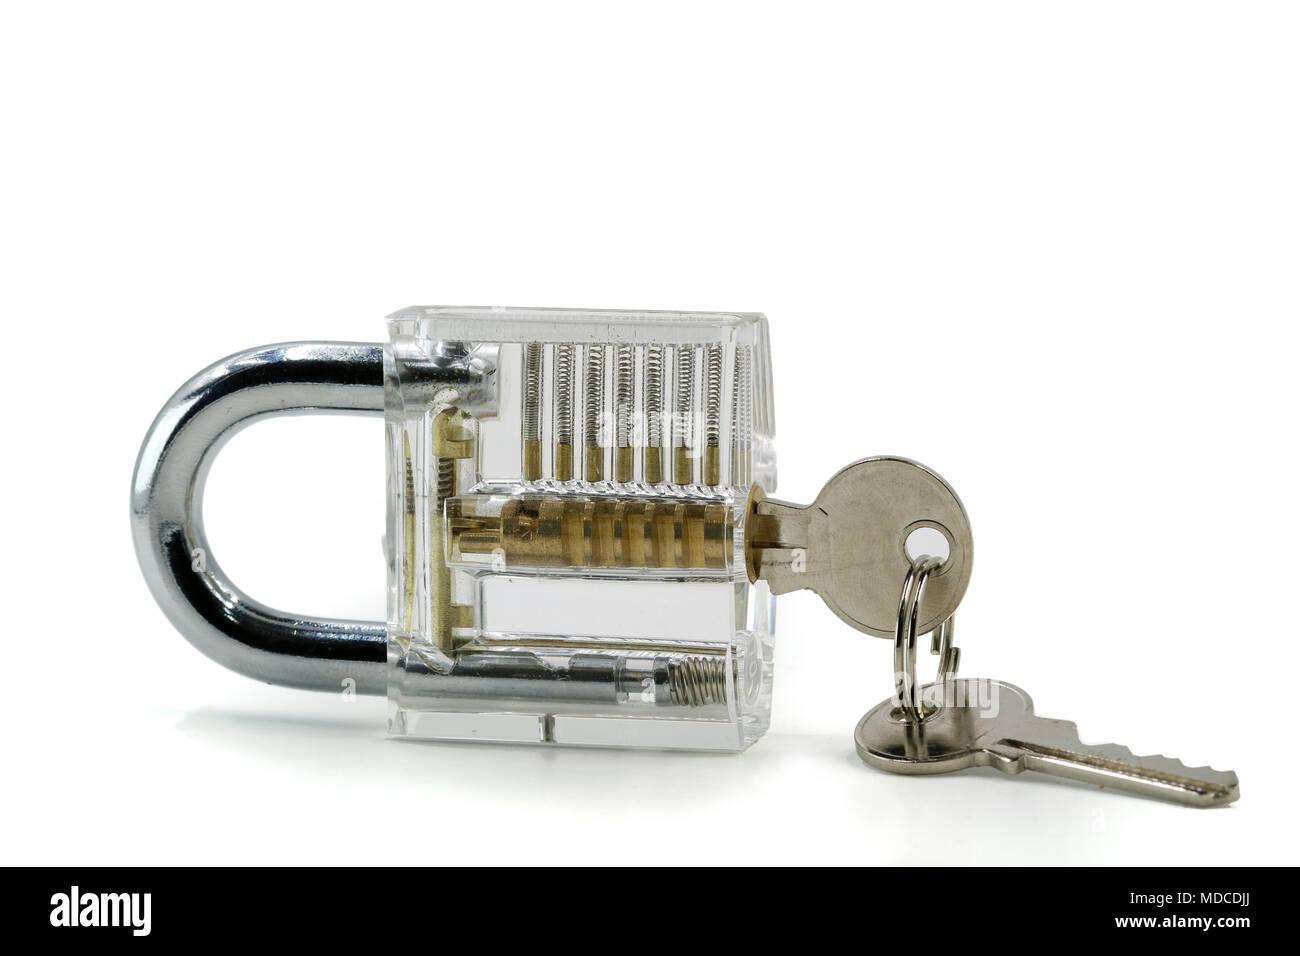 Transparent padlock with keys isolated on white background - Stock Image